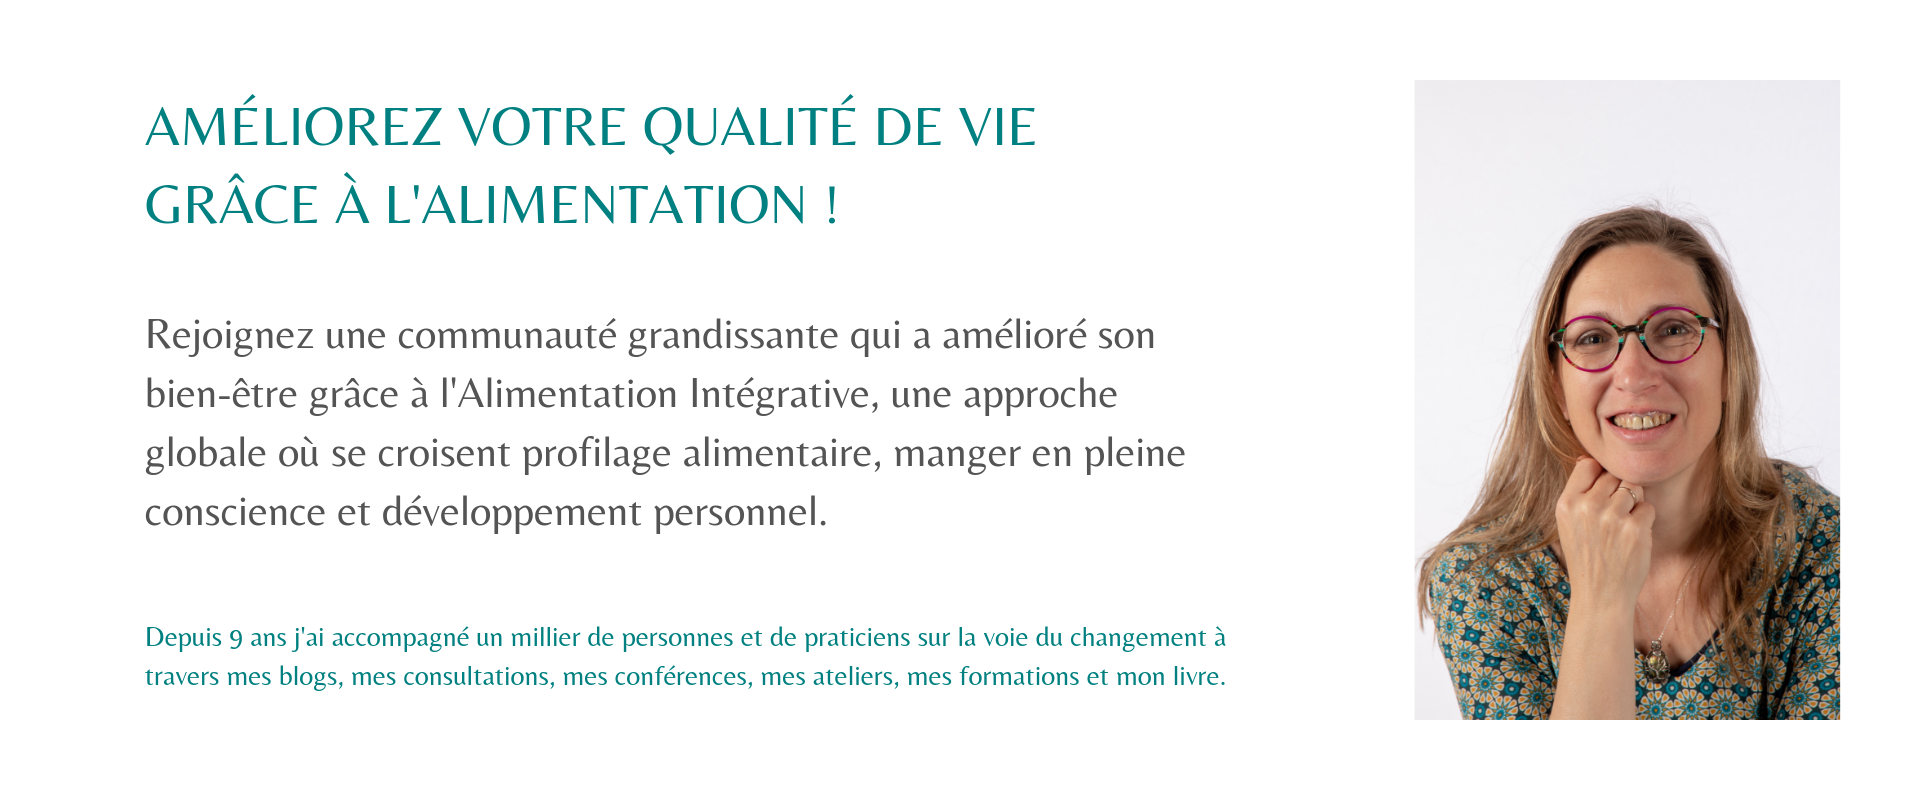 http://www.alimentation-integrative.fr/wp-content/uploads/2019/02/GT-bleu-1.png